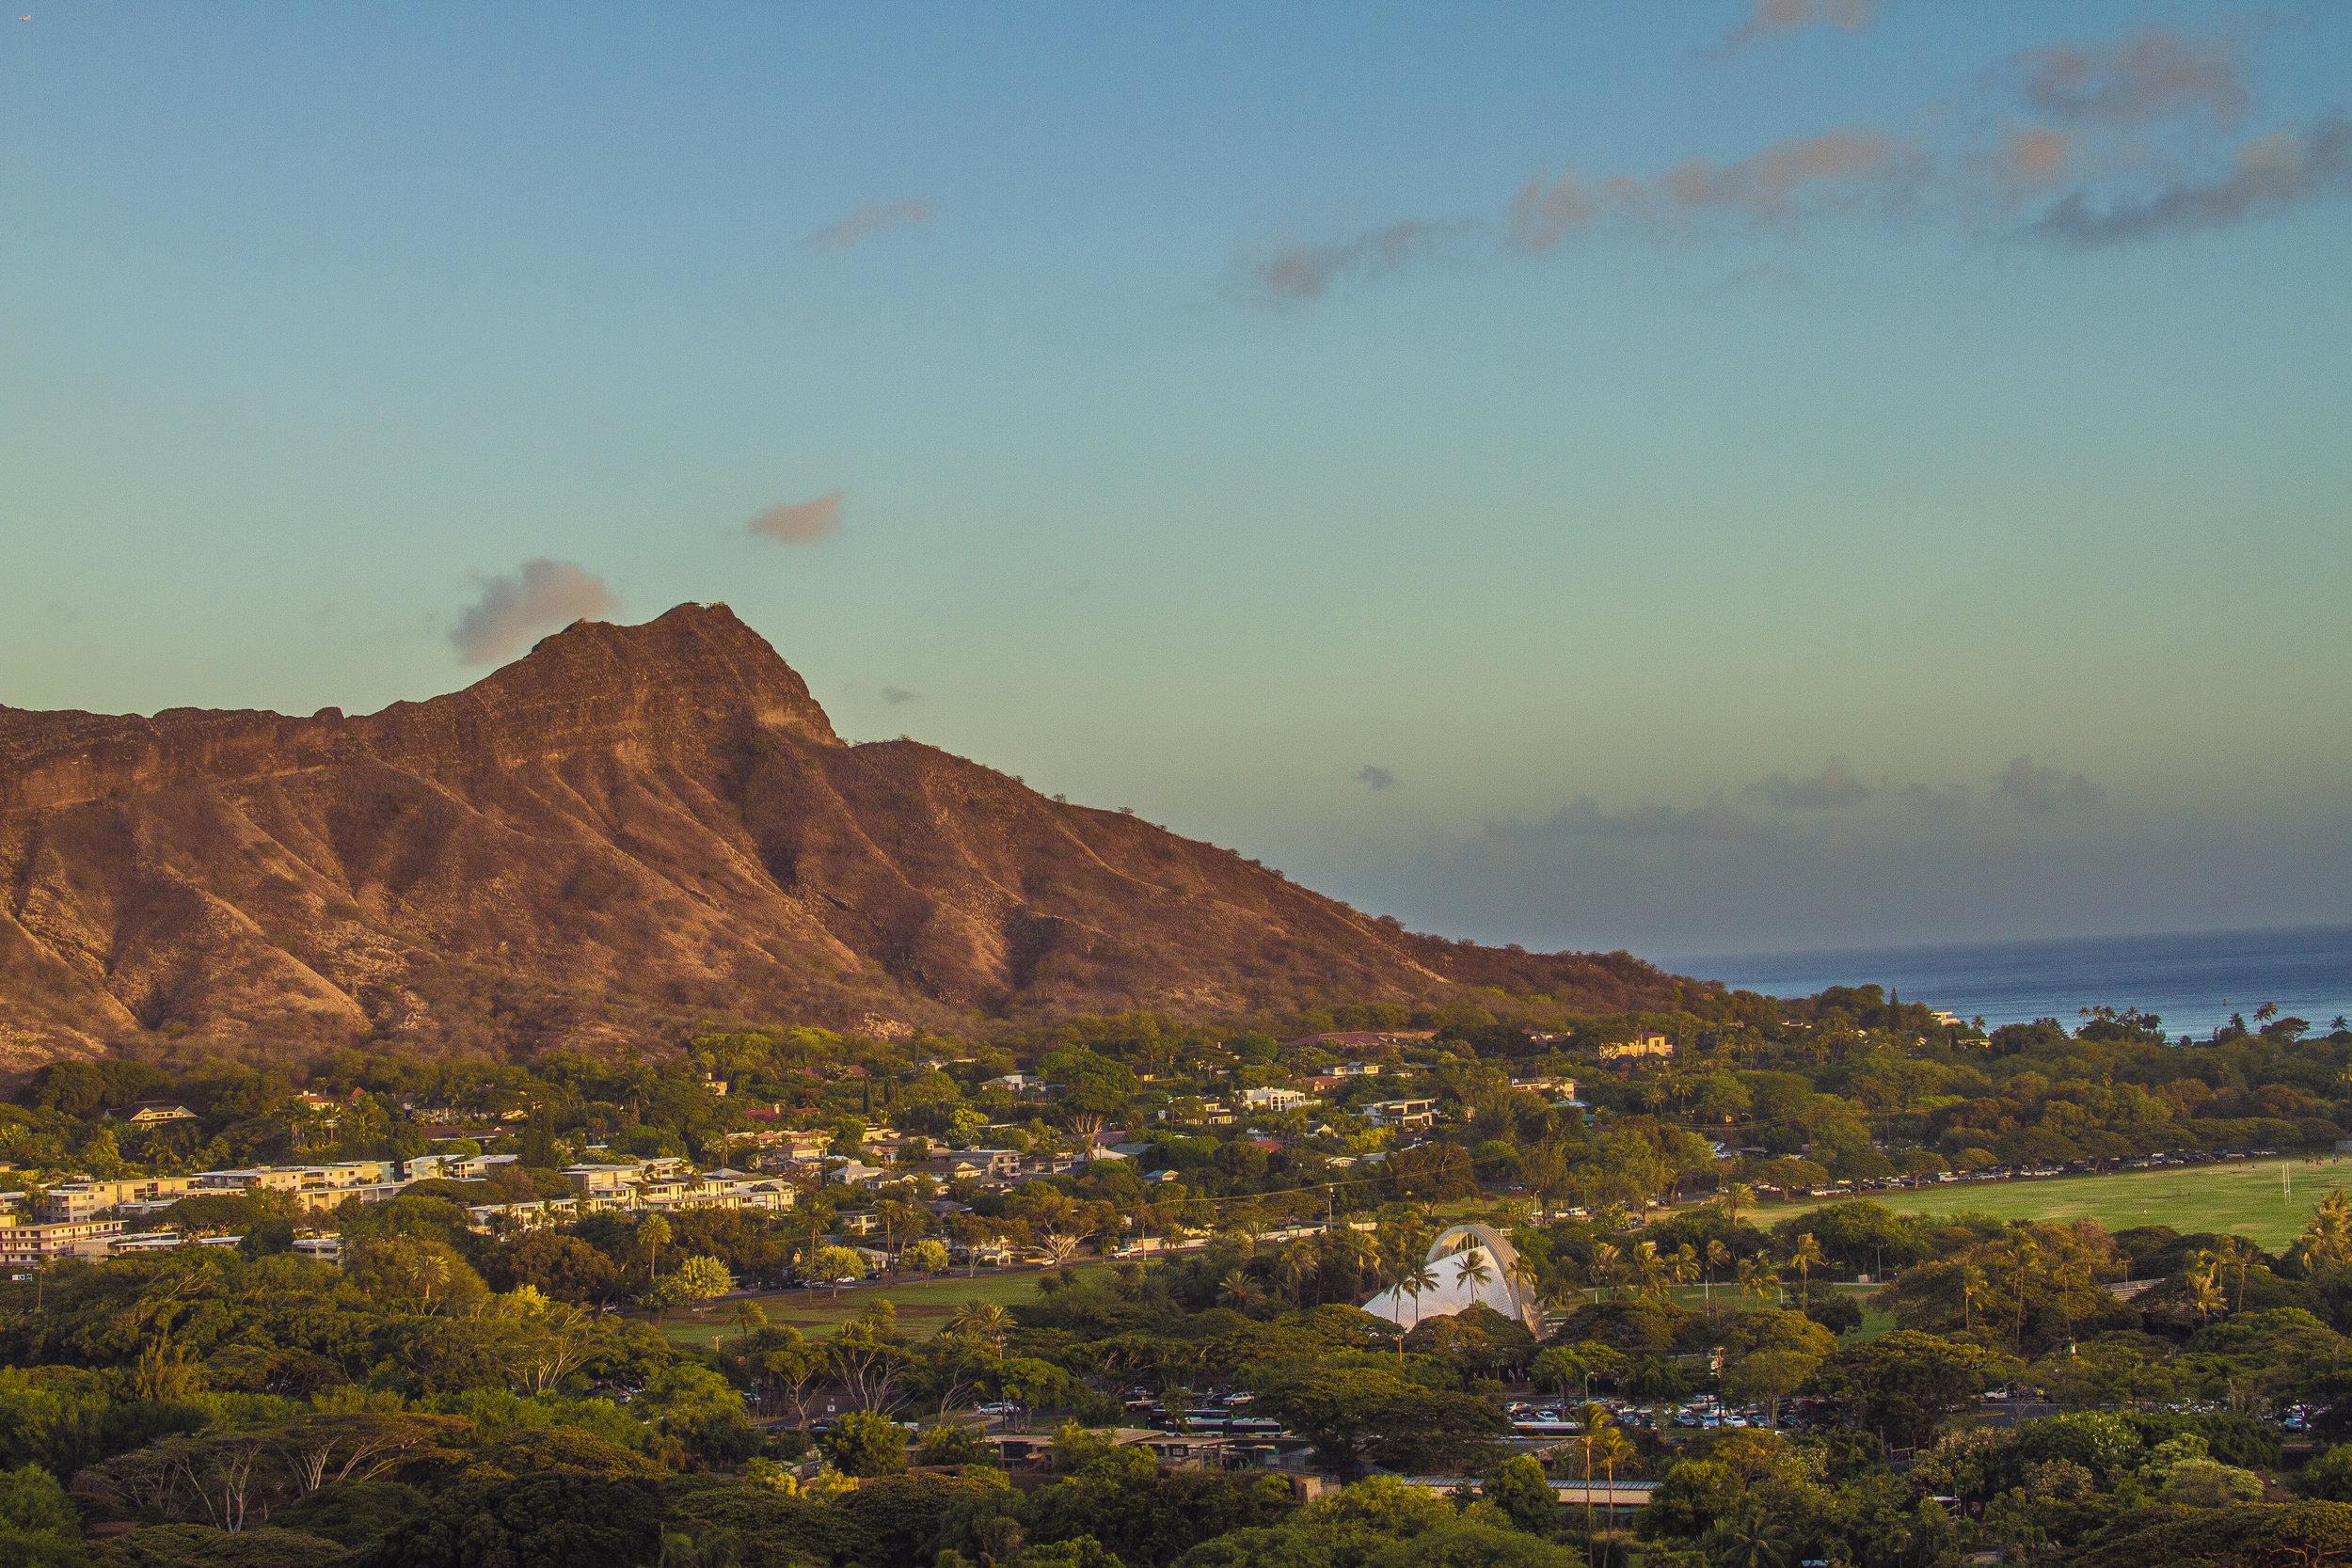 Hawaii_day1_029.jpg